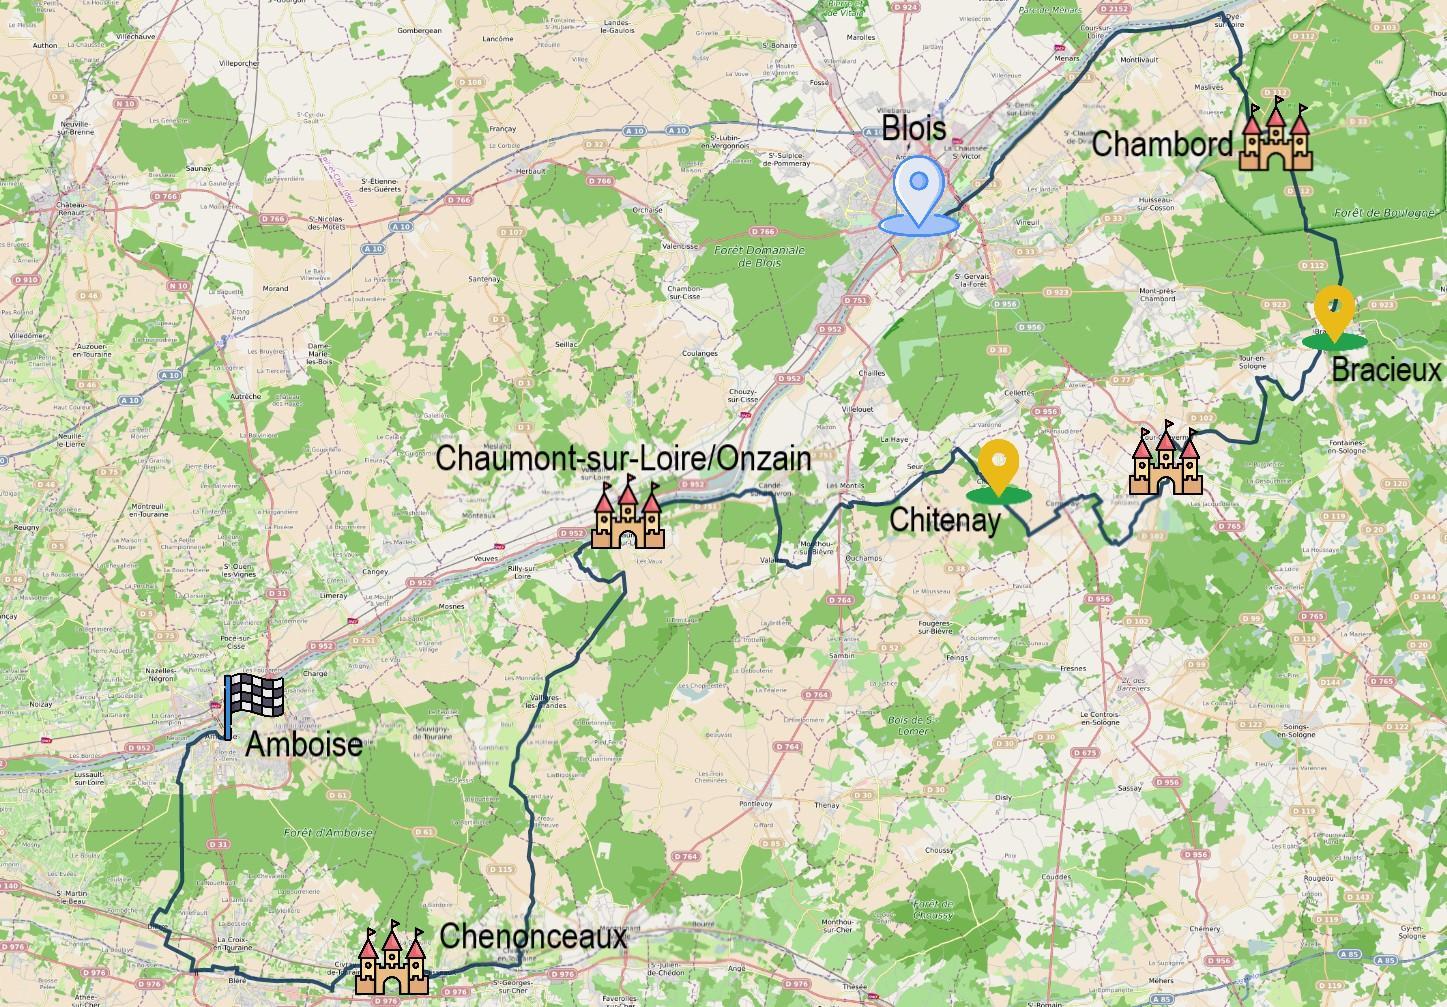 Carte itinéraire du séjour itinerance à vélo Blois Amboise via Chambord et Chenonceau